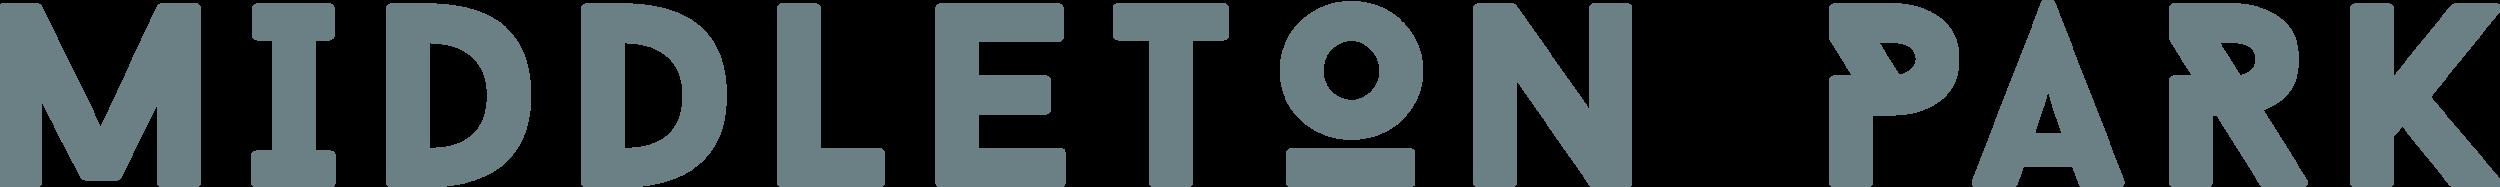 Middleton Pocket Logo.png